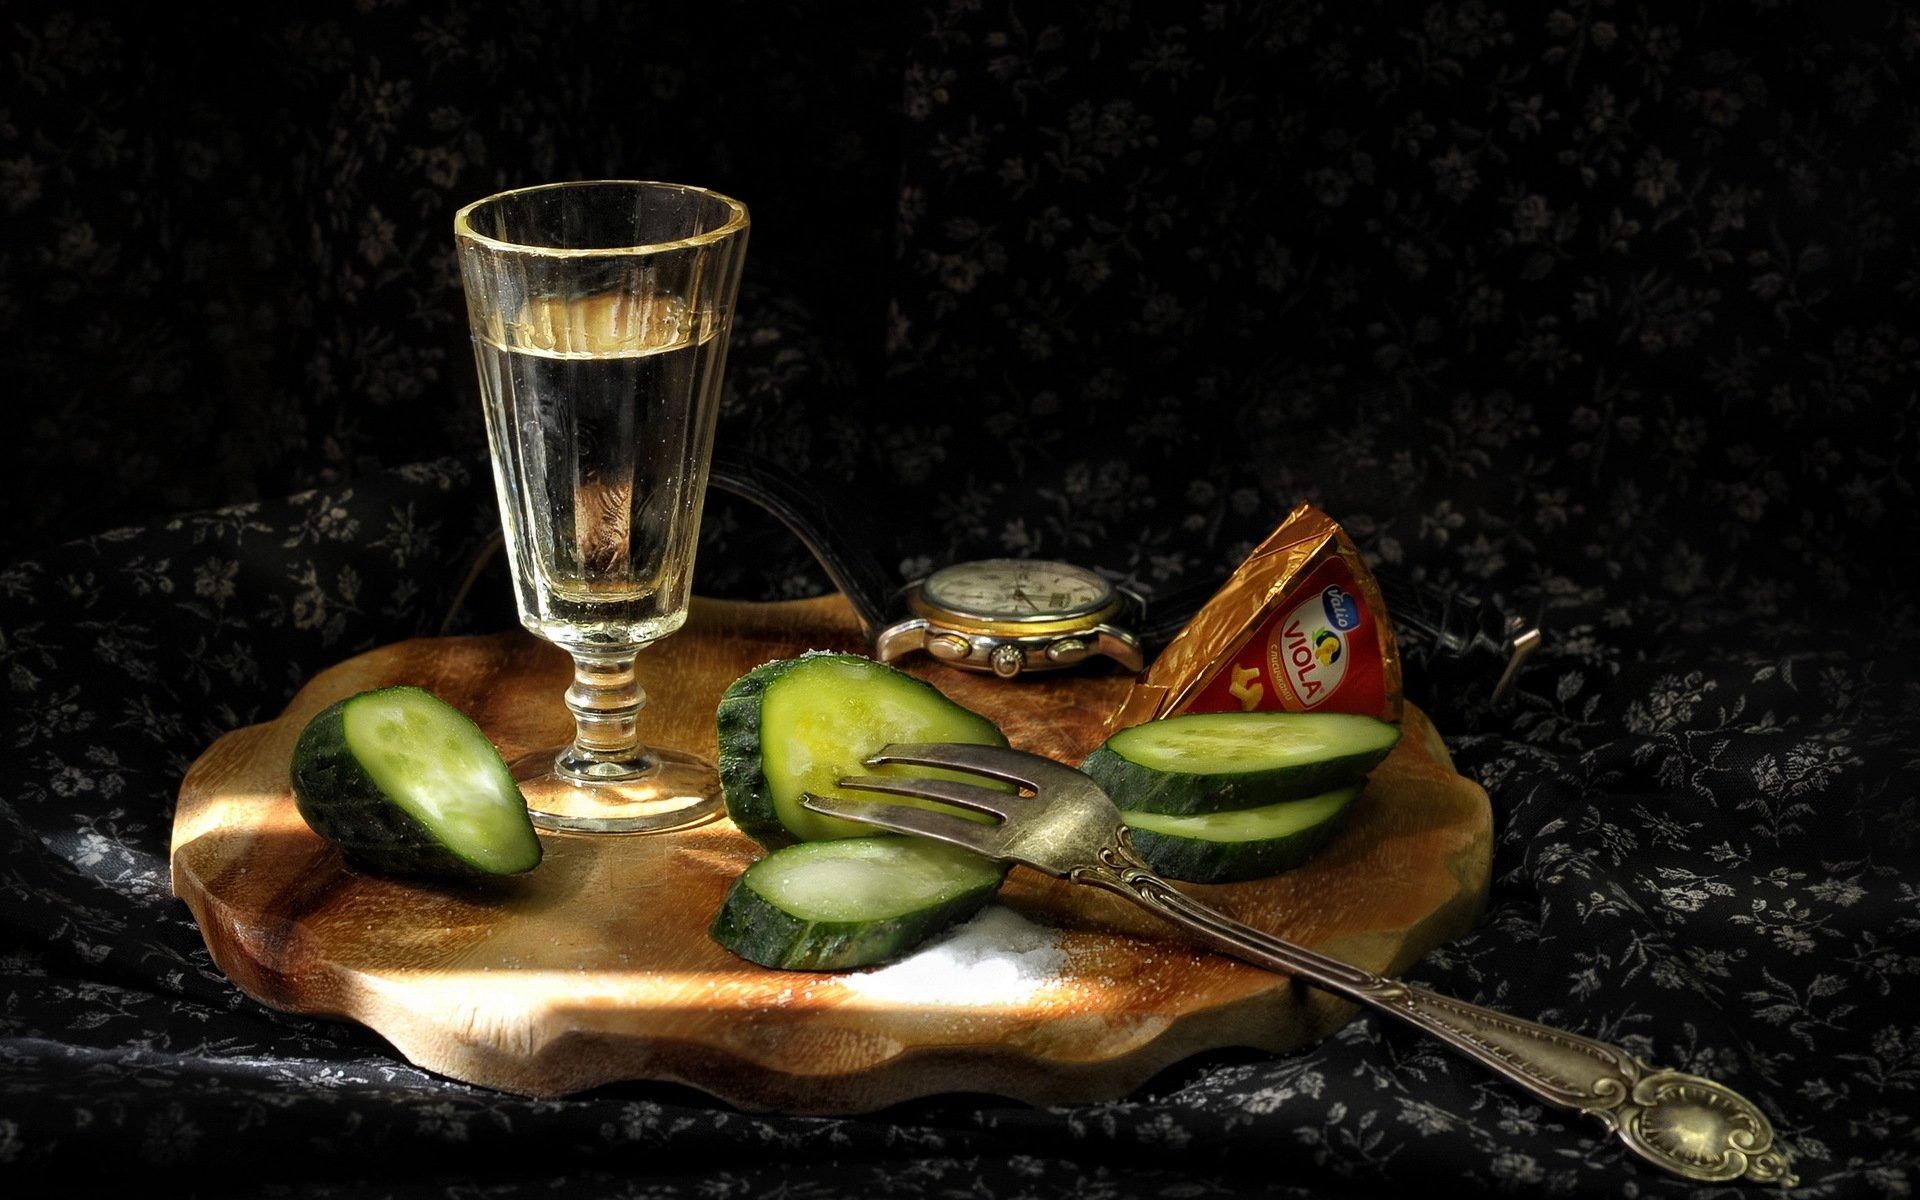 Количество погибших ототравления суррогатным спиртом вПодмосковье выросло до 5-ти